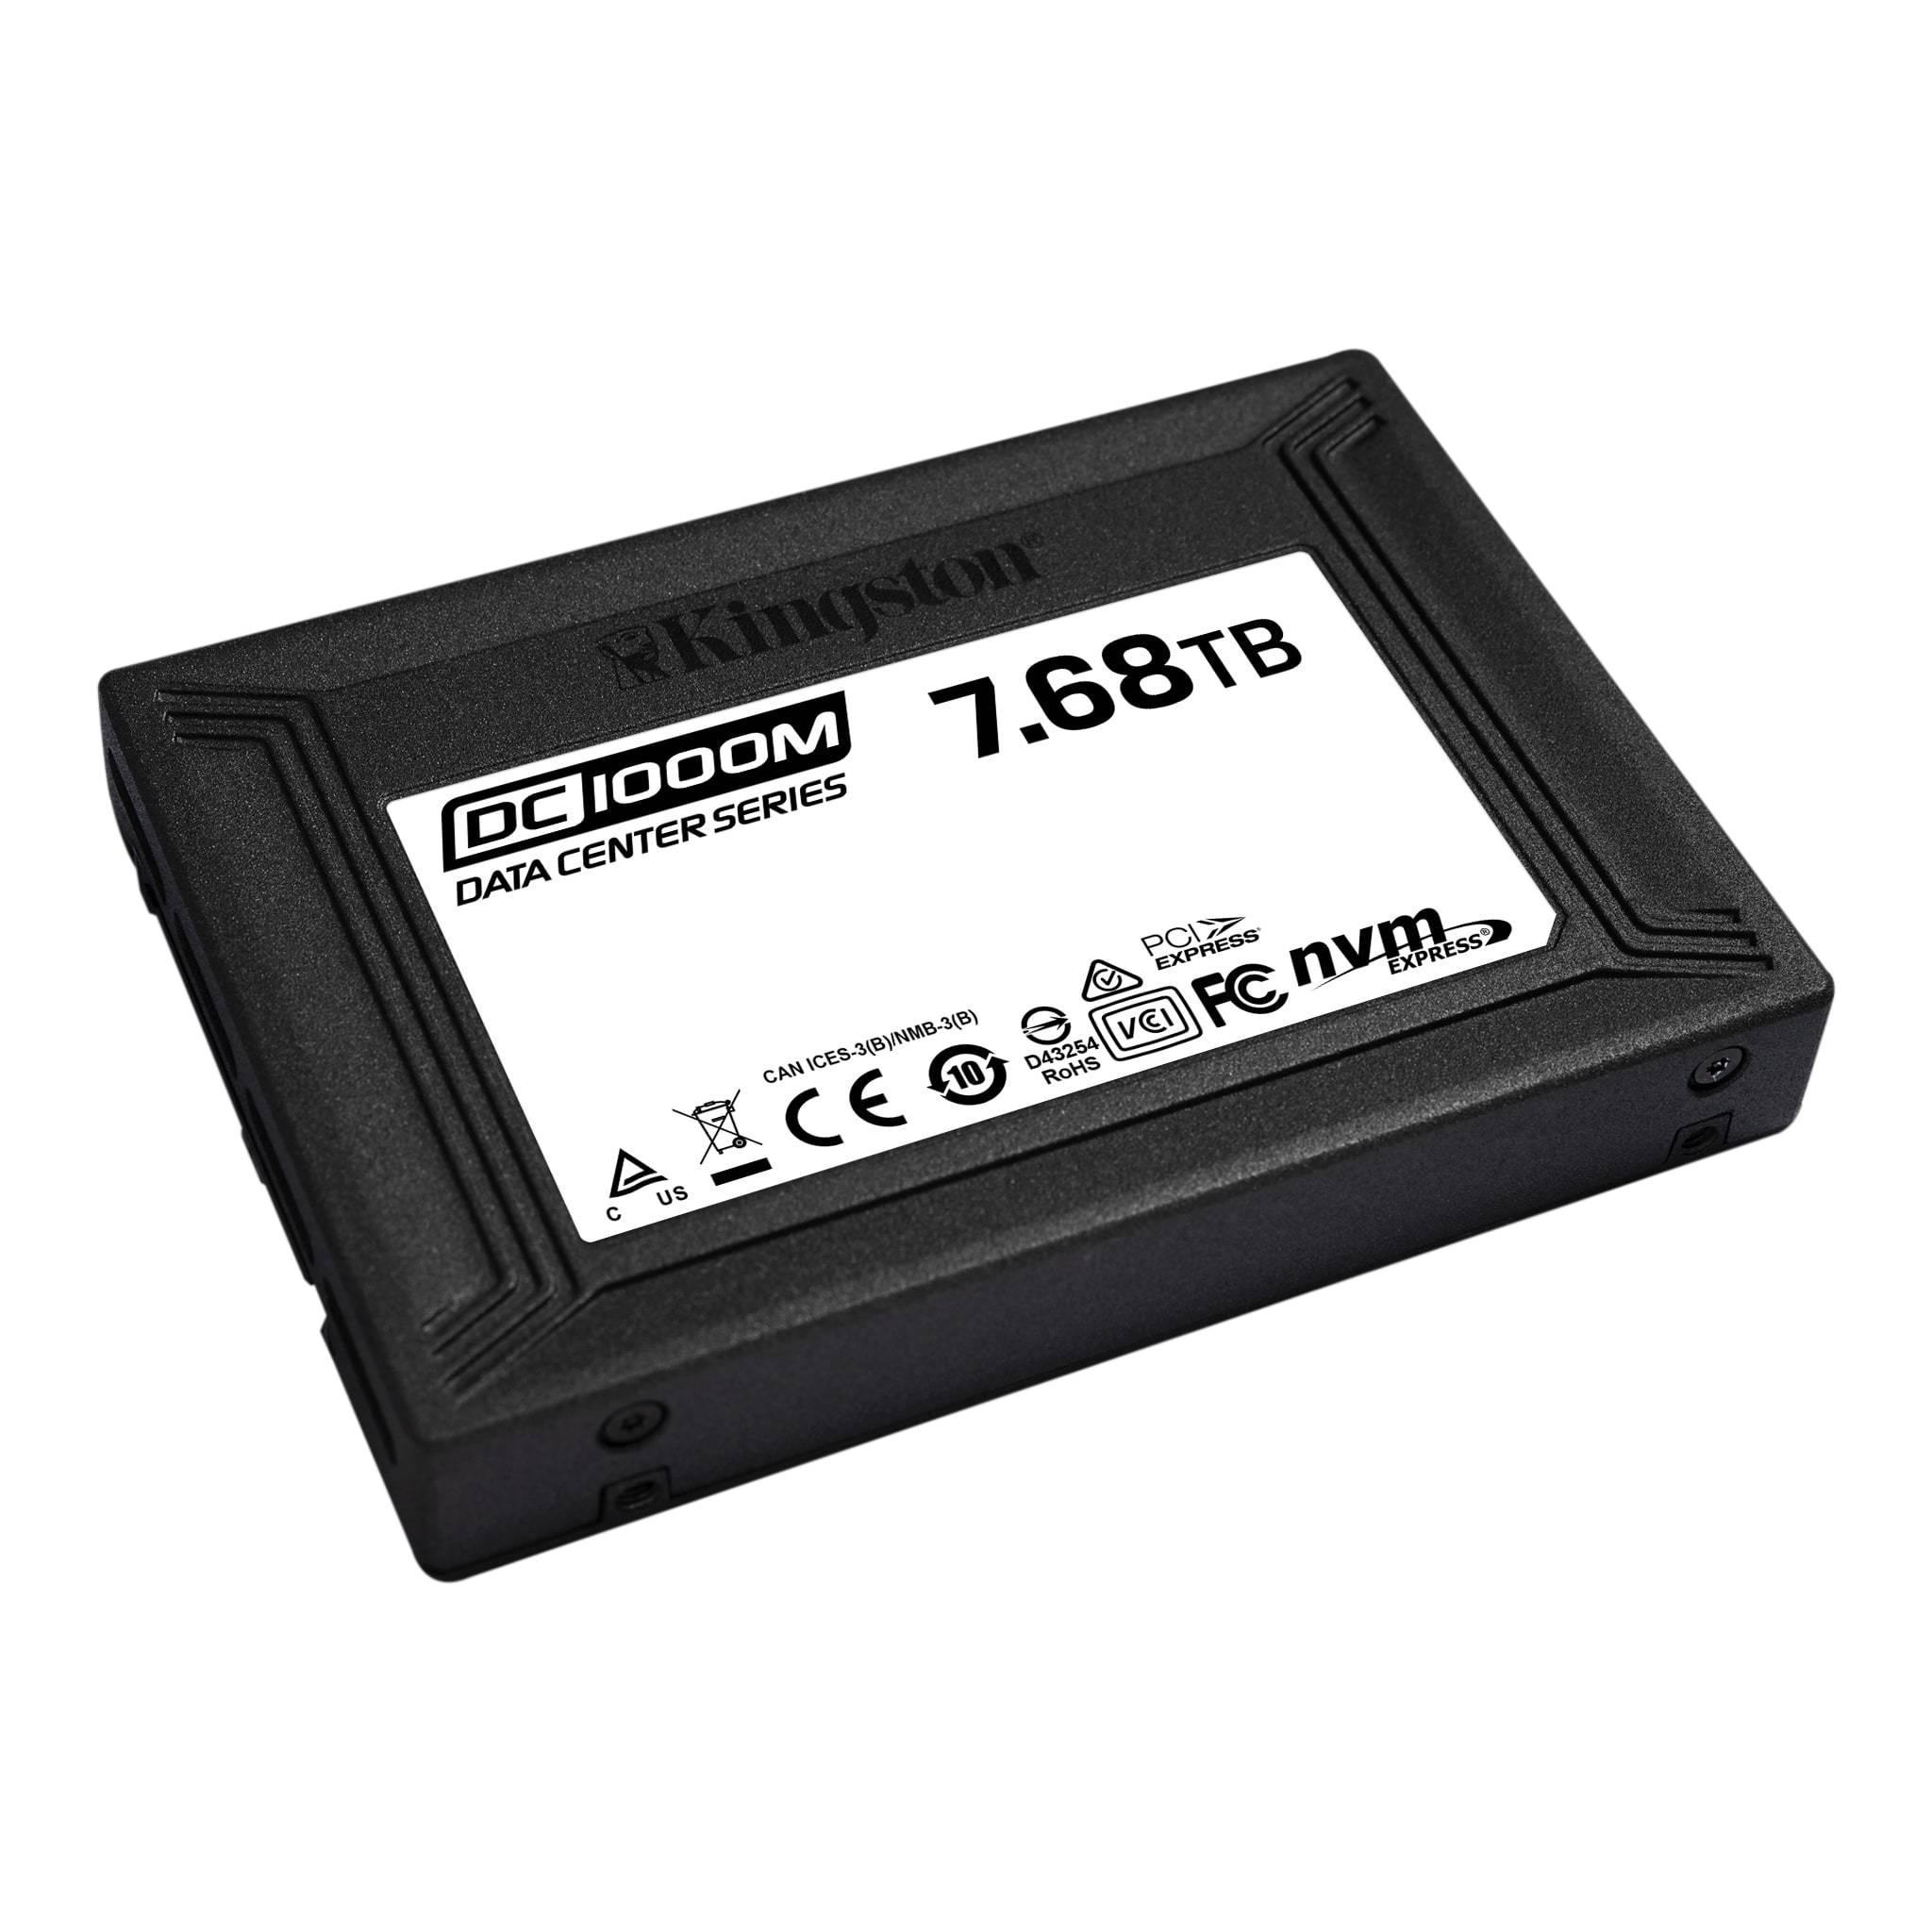 Kingston DC1000M 7.68 TB SSD PCIe NVMe 3.0 x4 U.2